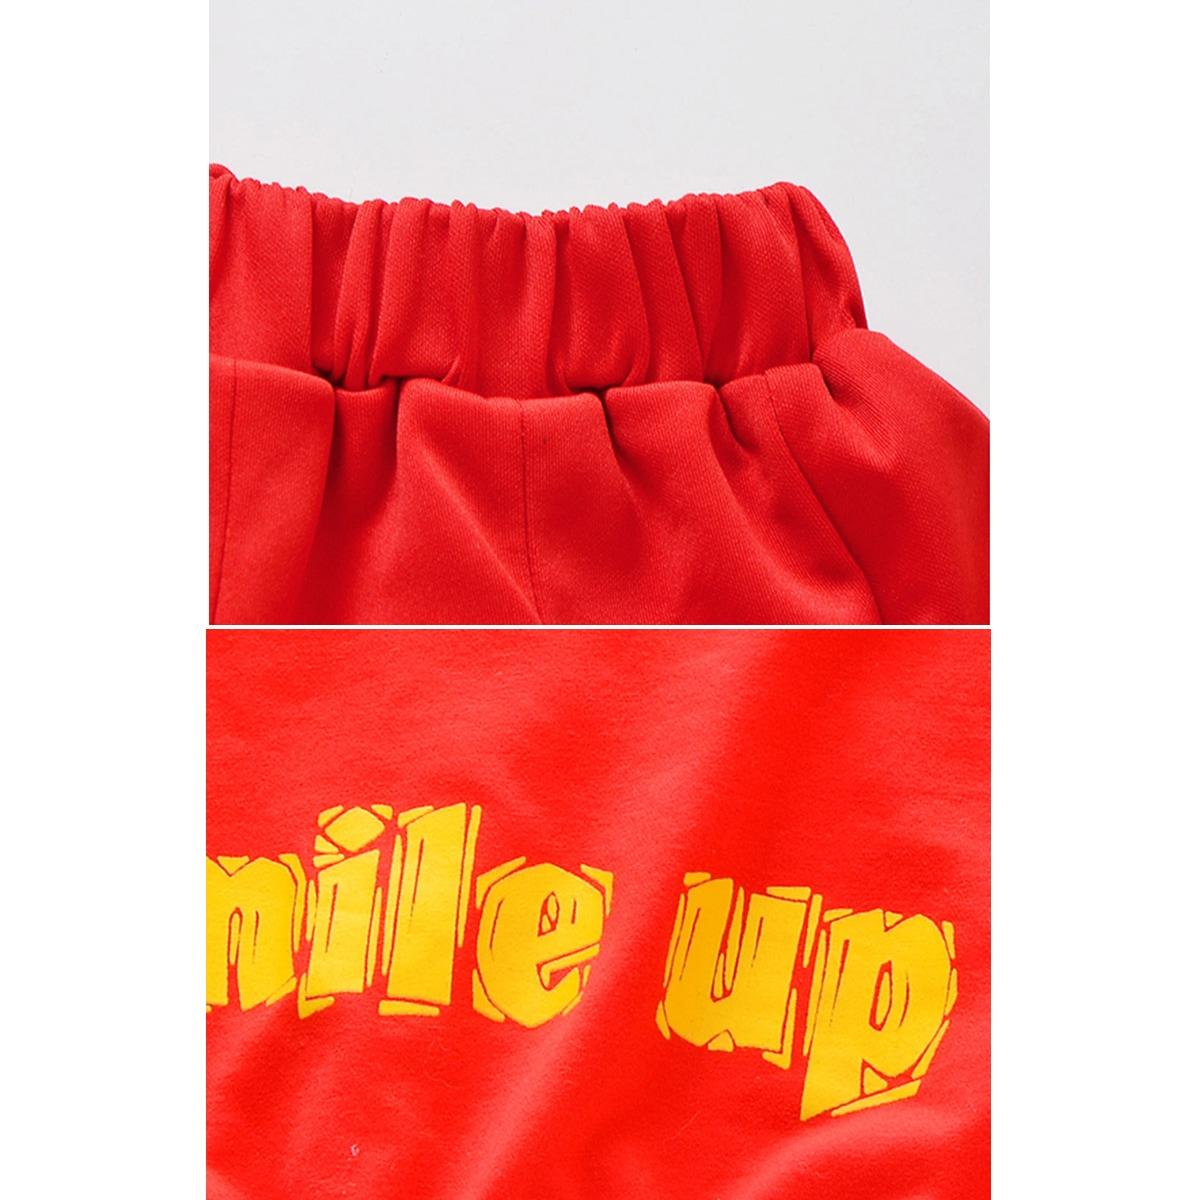 キッズダンス衣装 スパンコール 上下セット レッド  赤 スカート